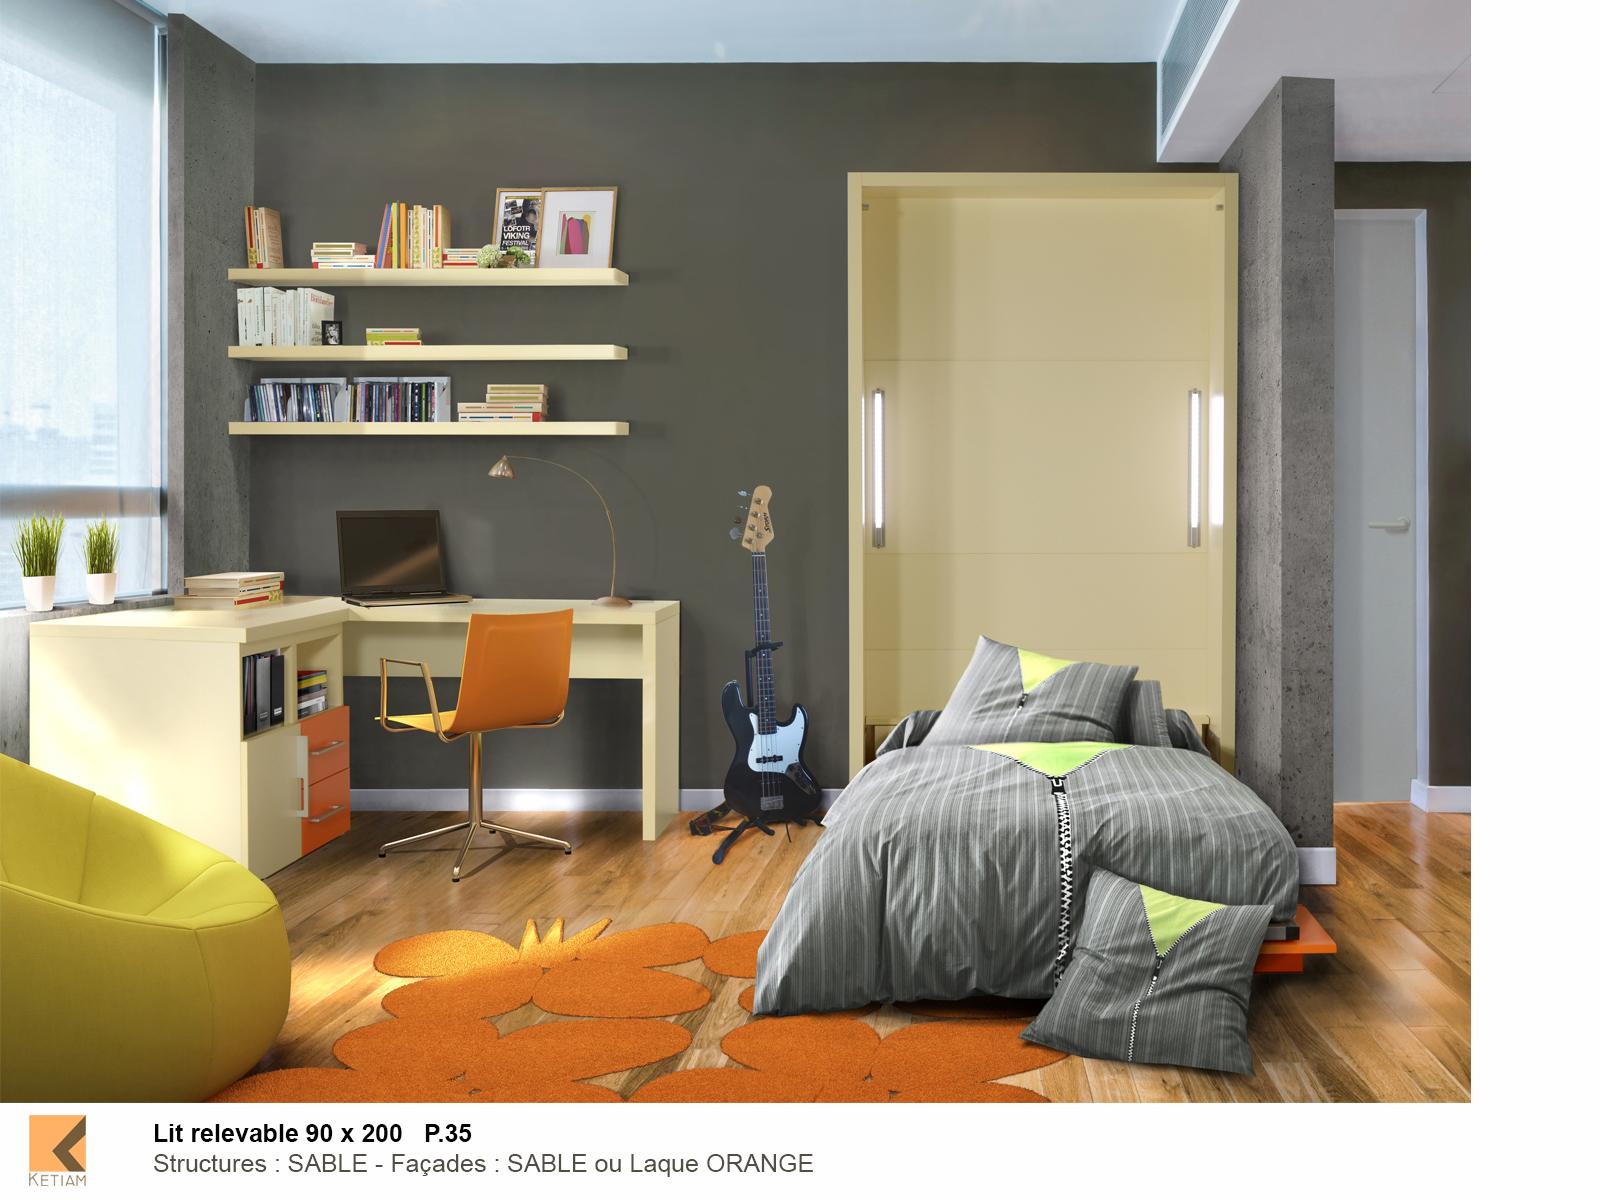 lit relevable marseille. Black Bedroom Furniture Sets. Home Design Ideas